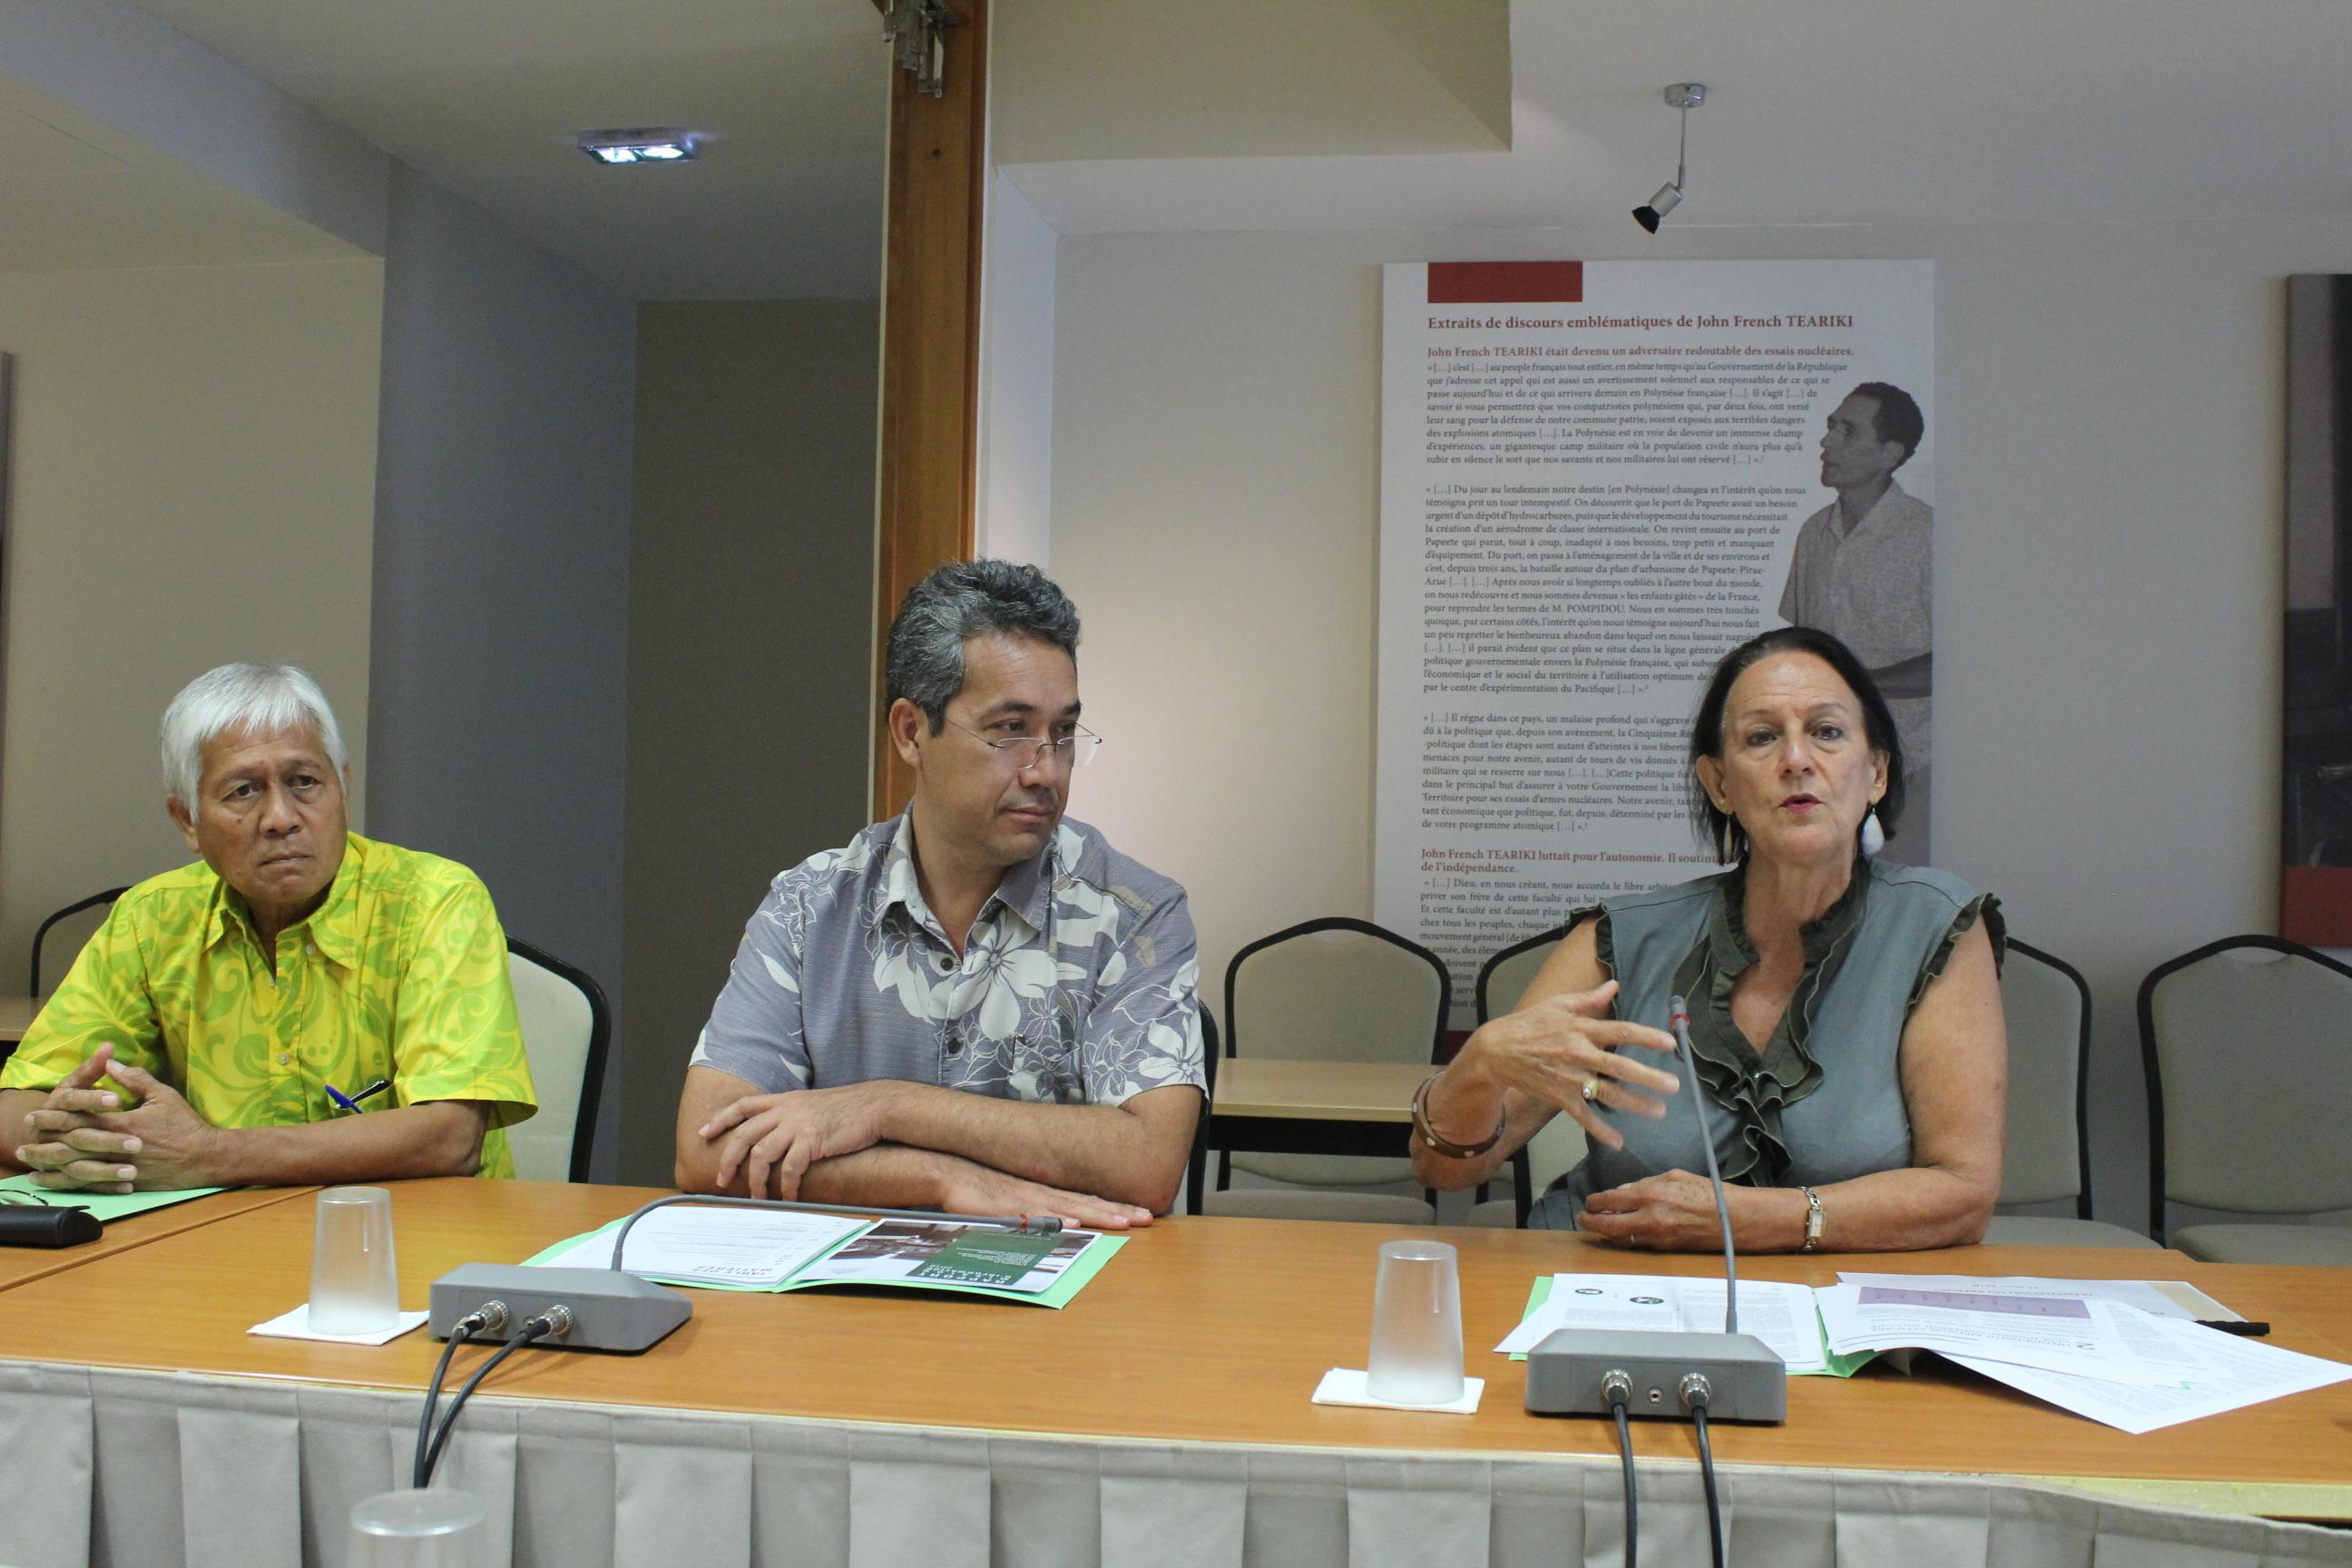 De gauche à droite : Jules Ienfa, Marcel Tuihani et Armelle Merceron.